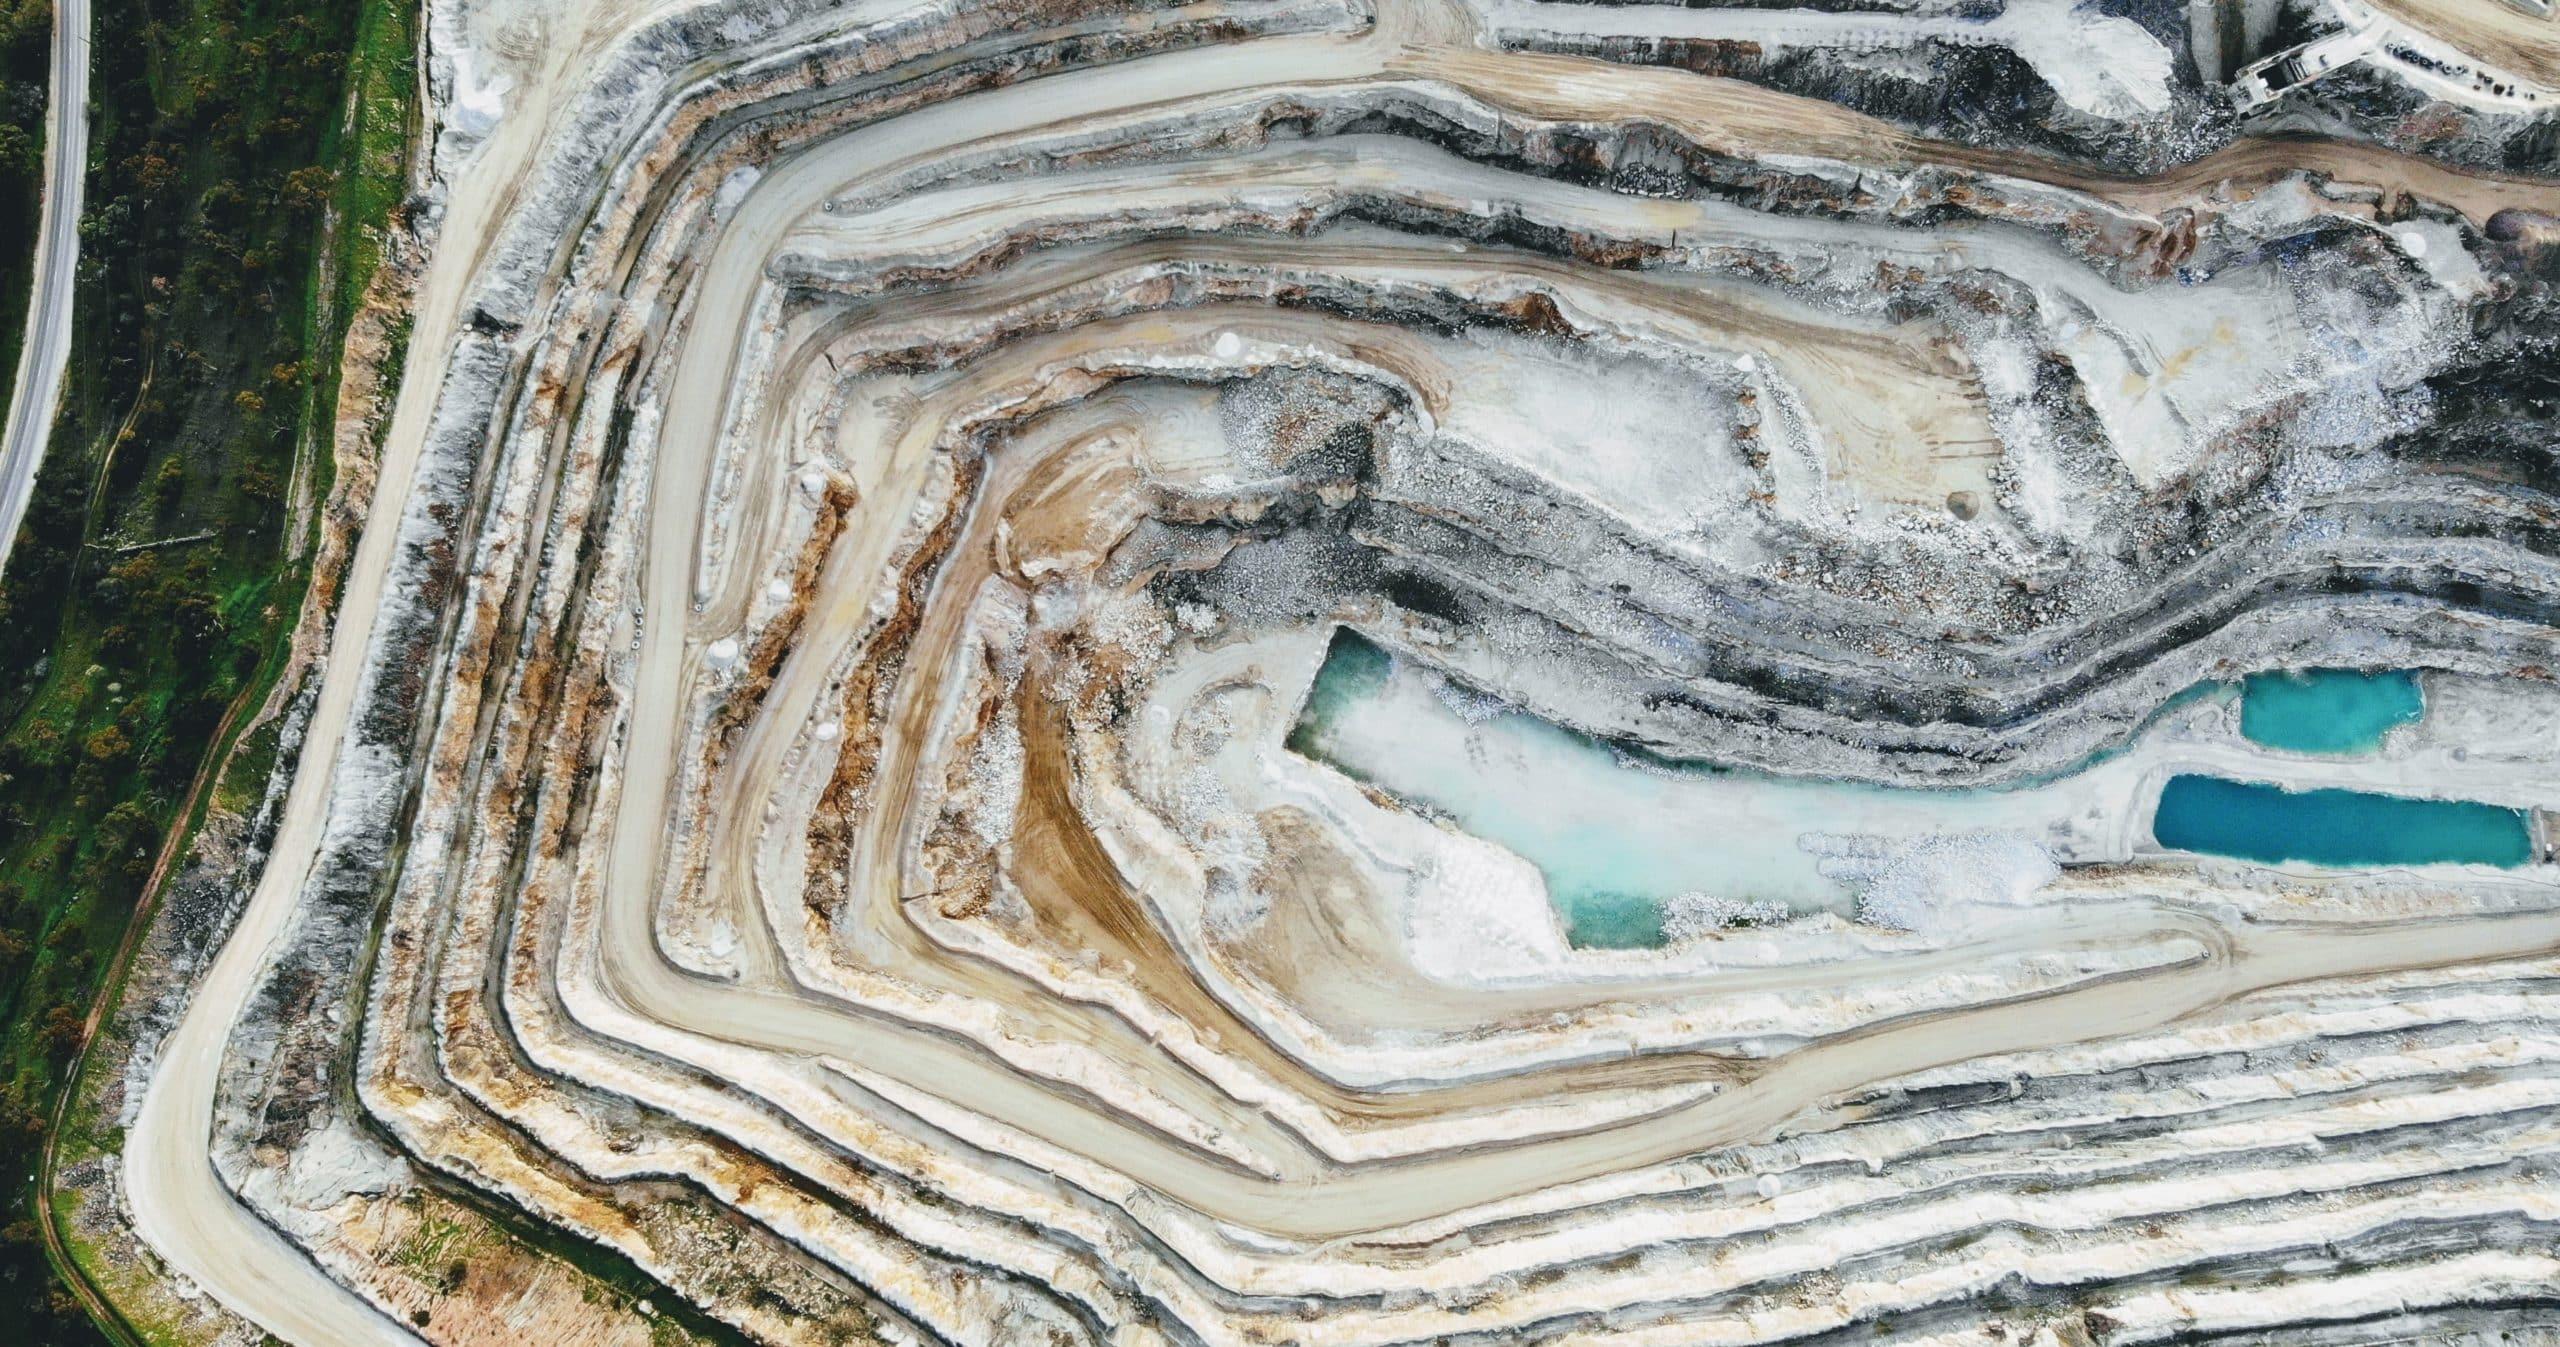 Protégé: L'innovation technologique, un défi à la mesure des enjeux de l'industrie minière | Eleven